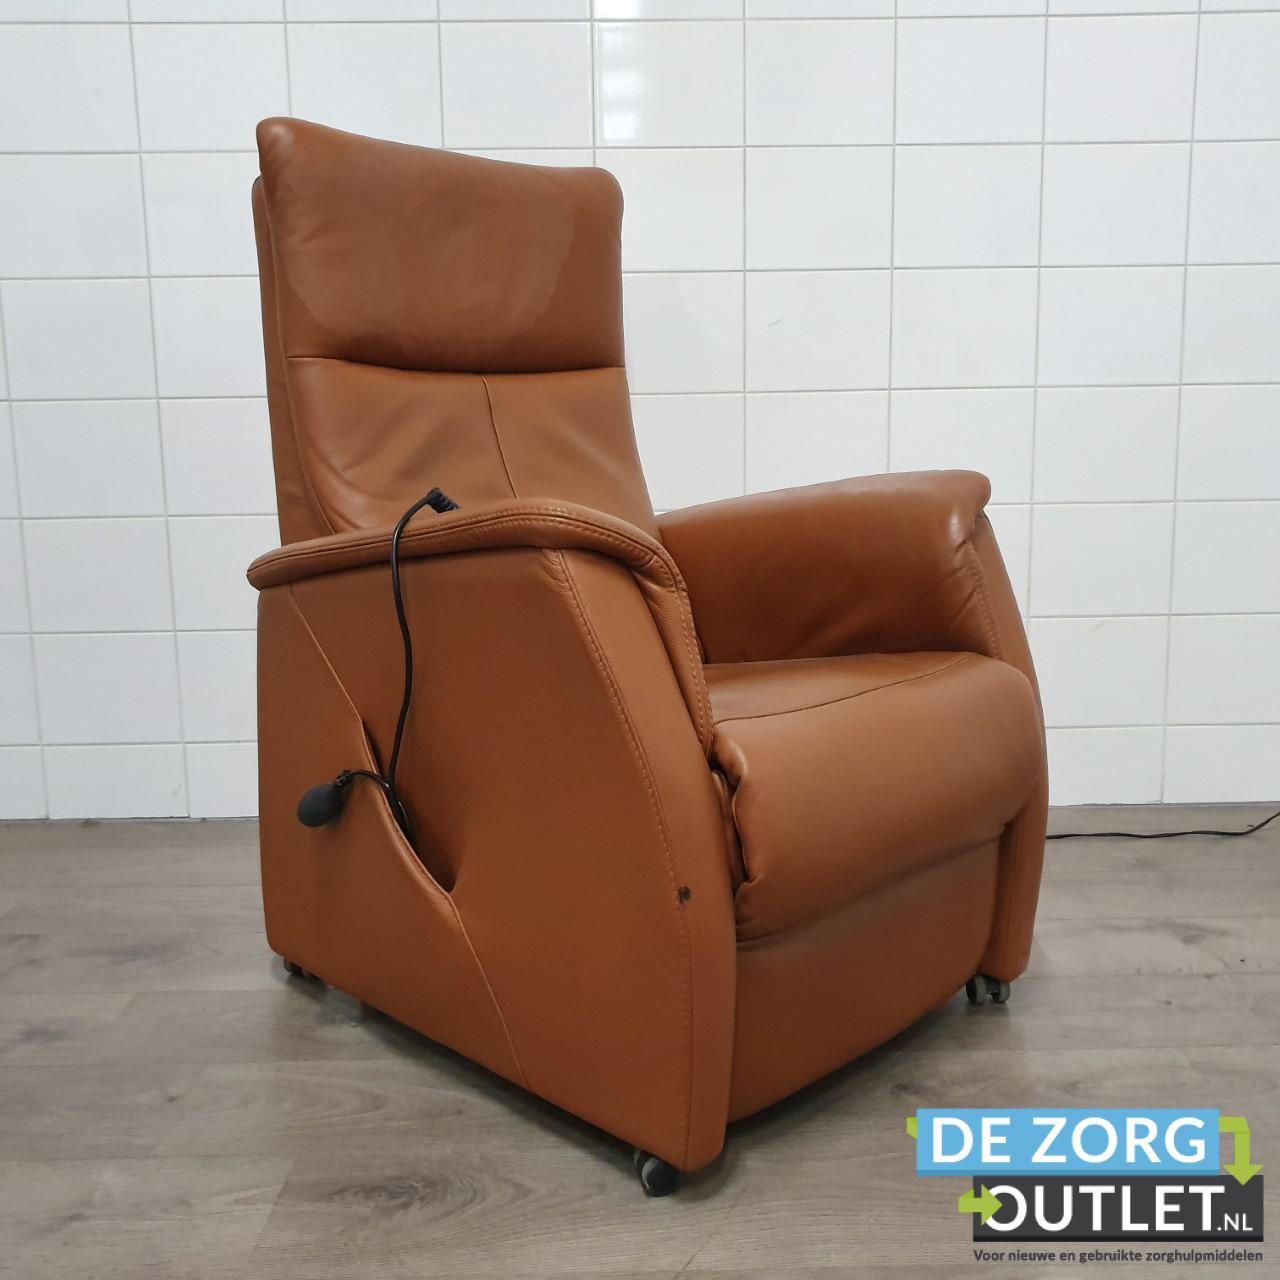 Gebruikte sta op stoelen | De Zorgoutlet